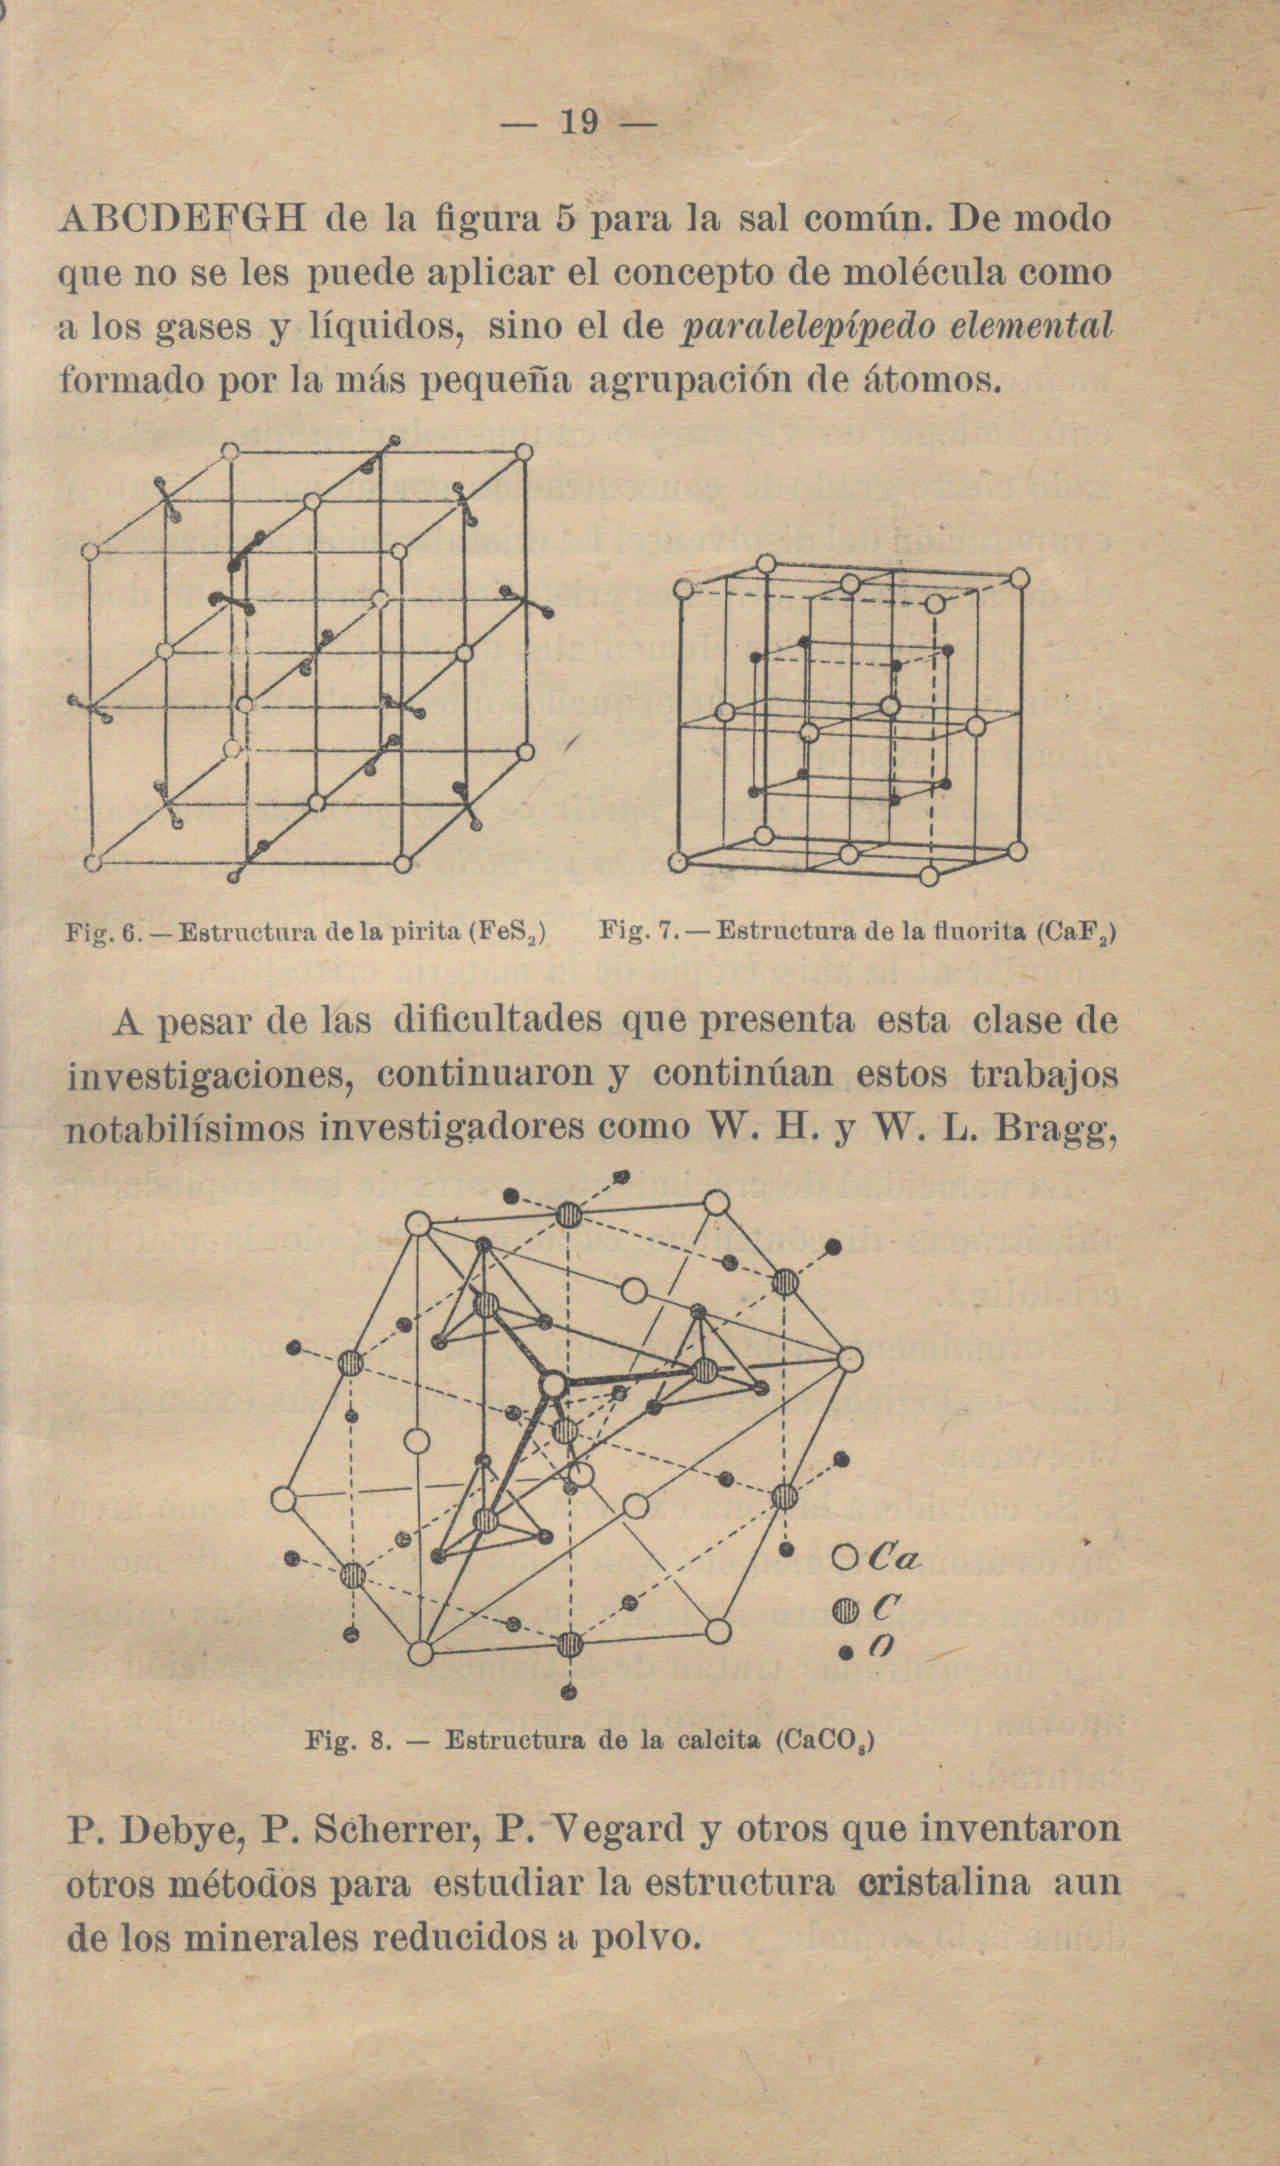 Index Of Giga1 Libros 00003256